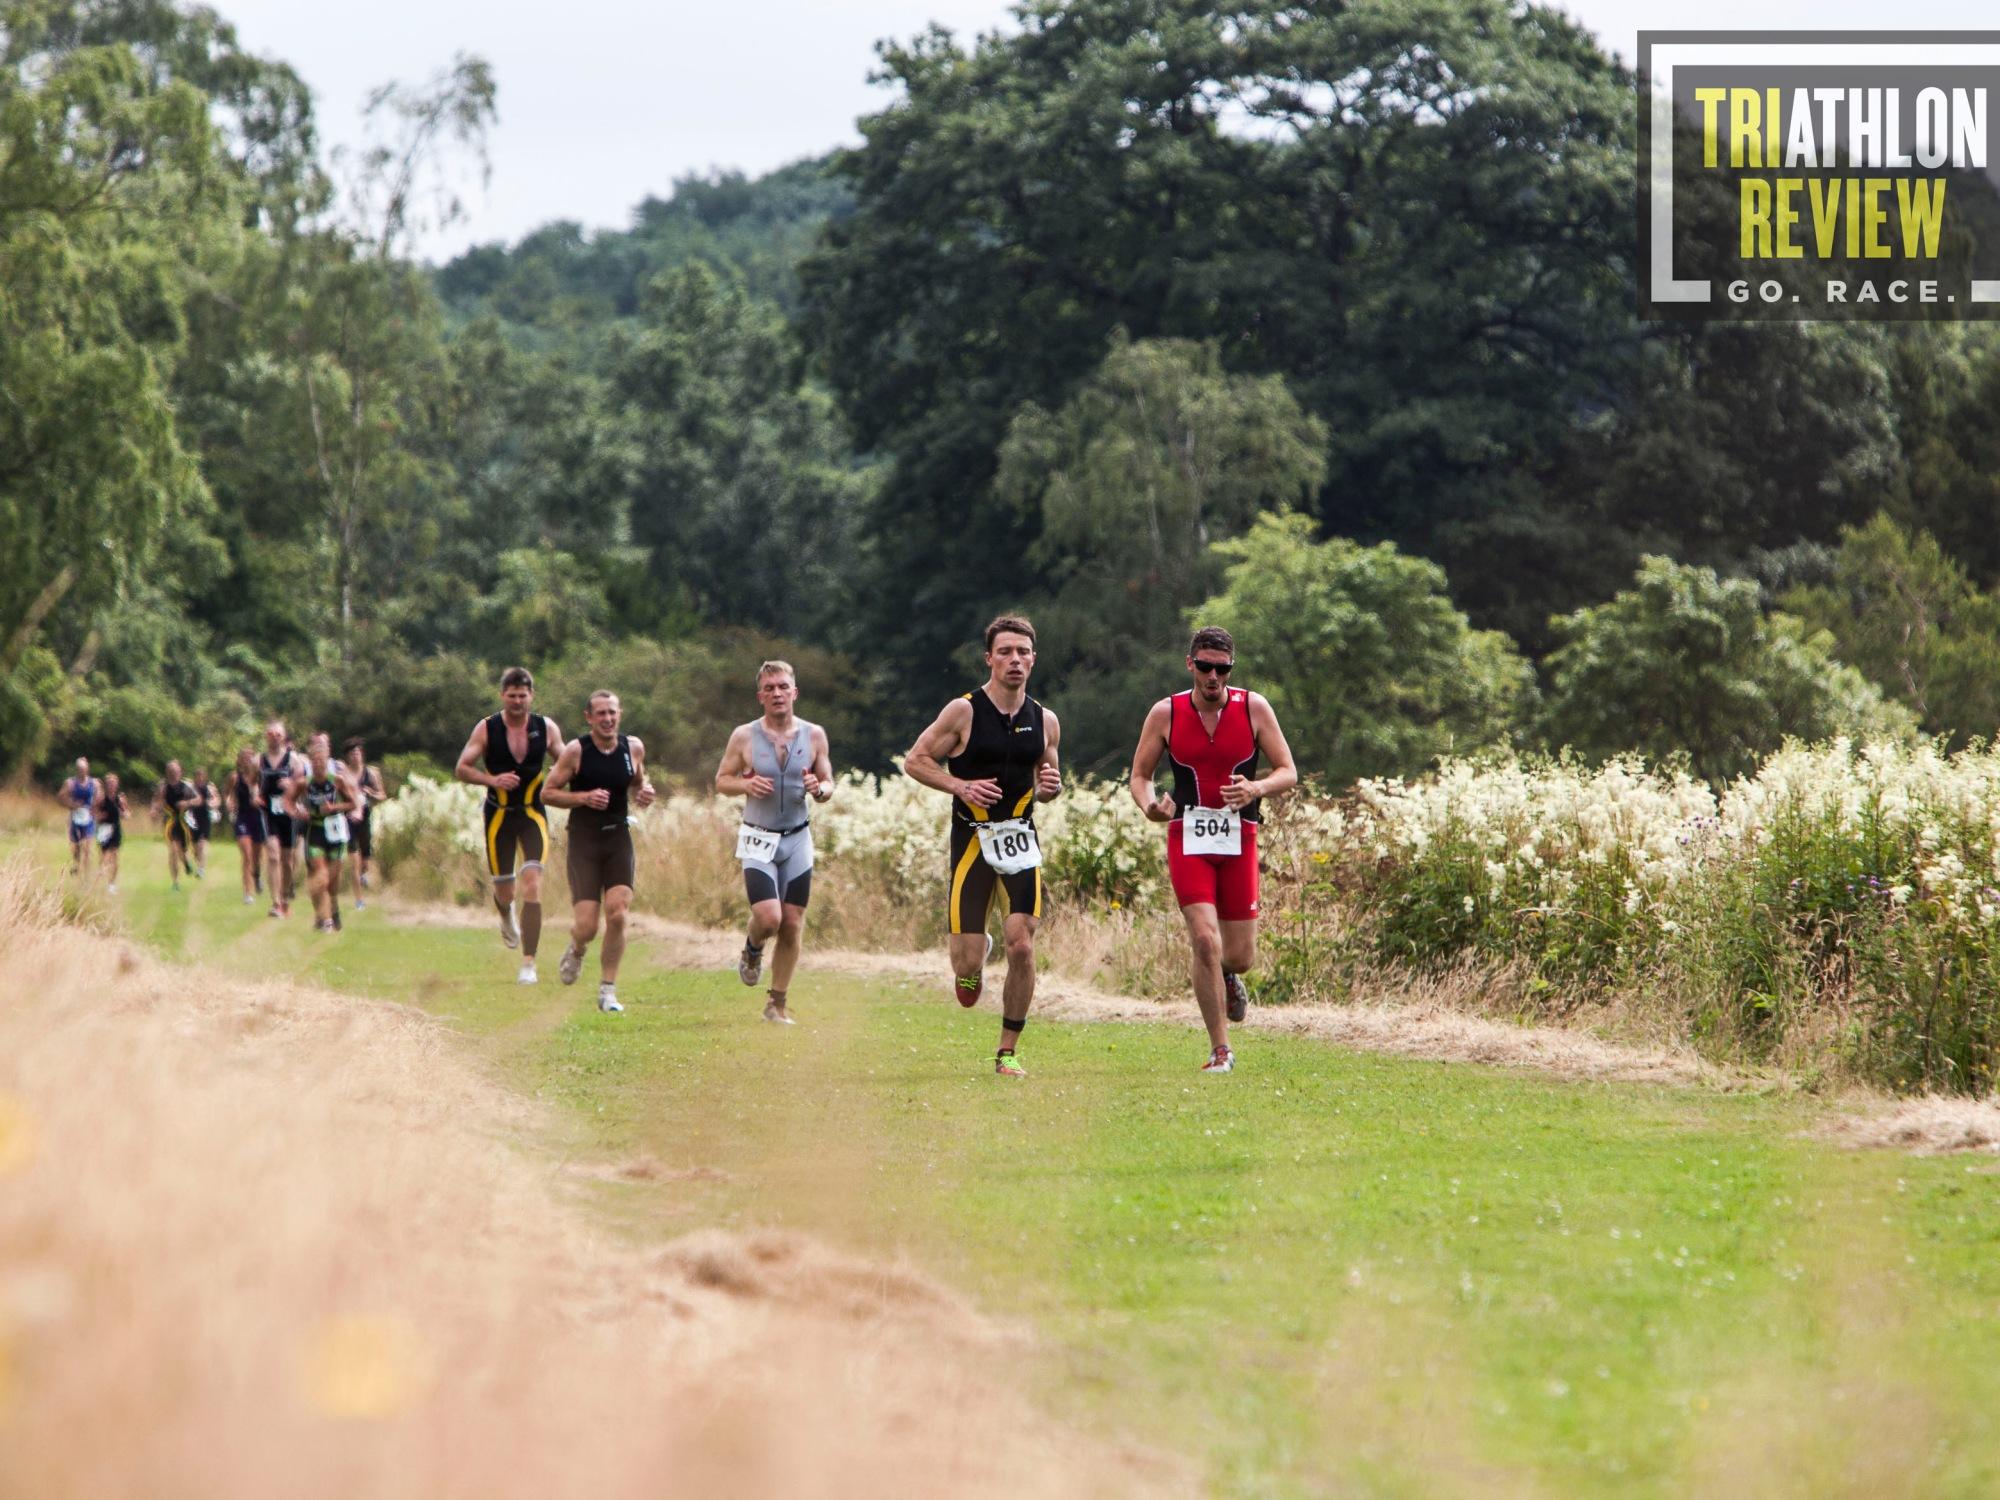 castle howard triathlon review, castle howard triathlon advice, how hilly is castle howard triathlon